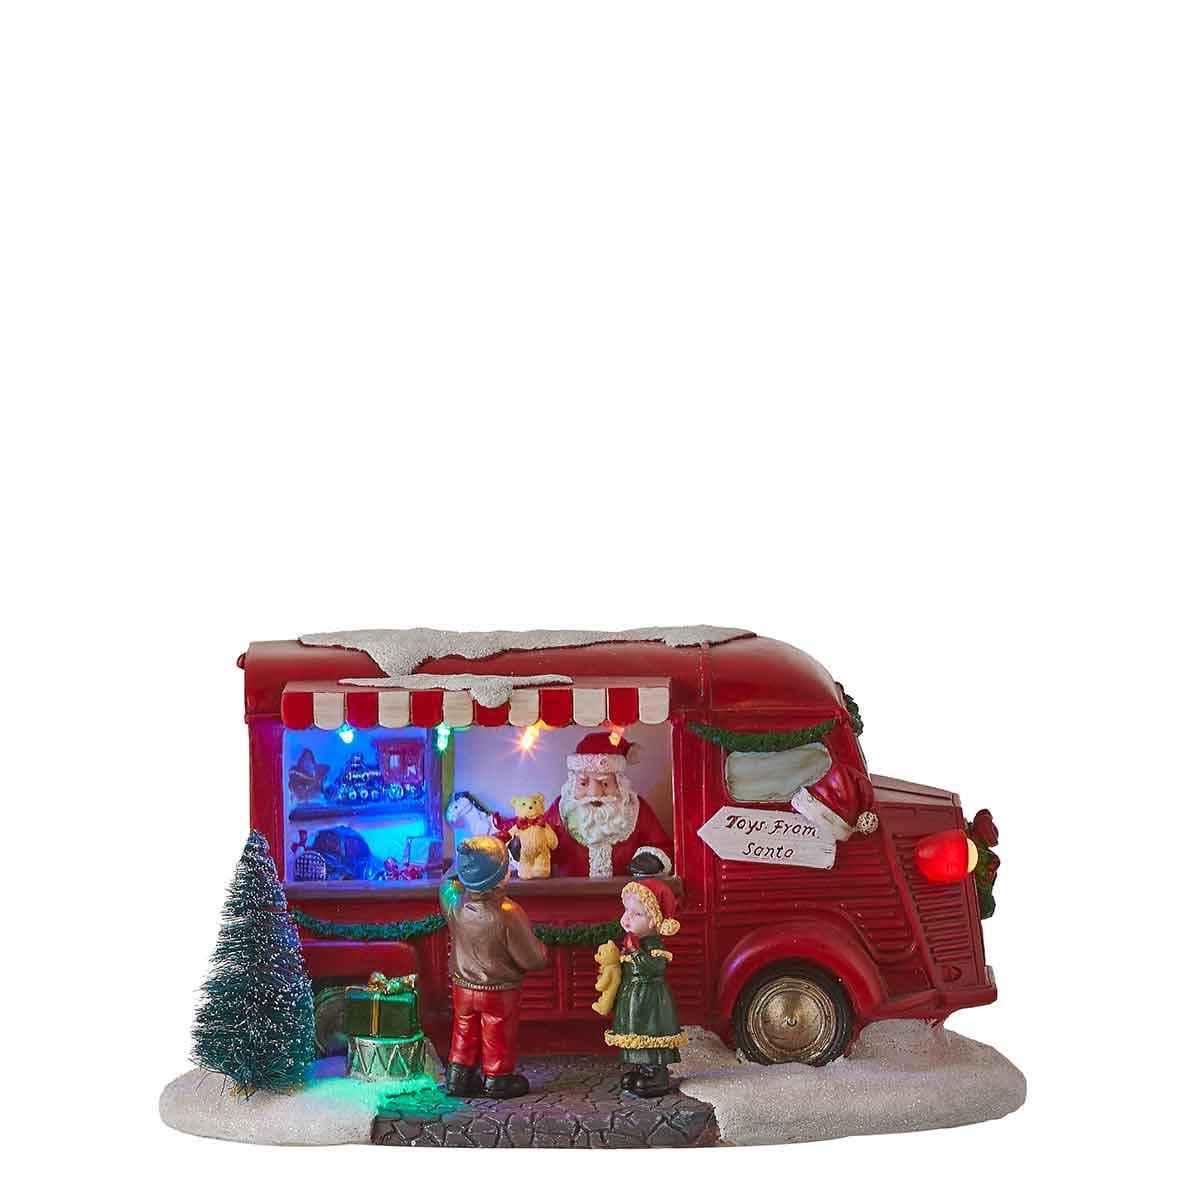 Luville Miniatur Weihnachtsmann im Spielzeugstand, verpackt in luxuriöser Geschenkbox - mit Beleuchtung – Schön als Weihnachtsdeko oder als Weihnachtsgeschenk